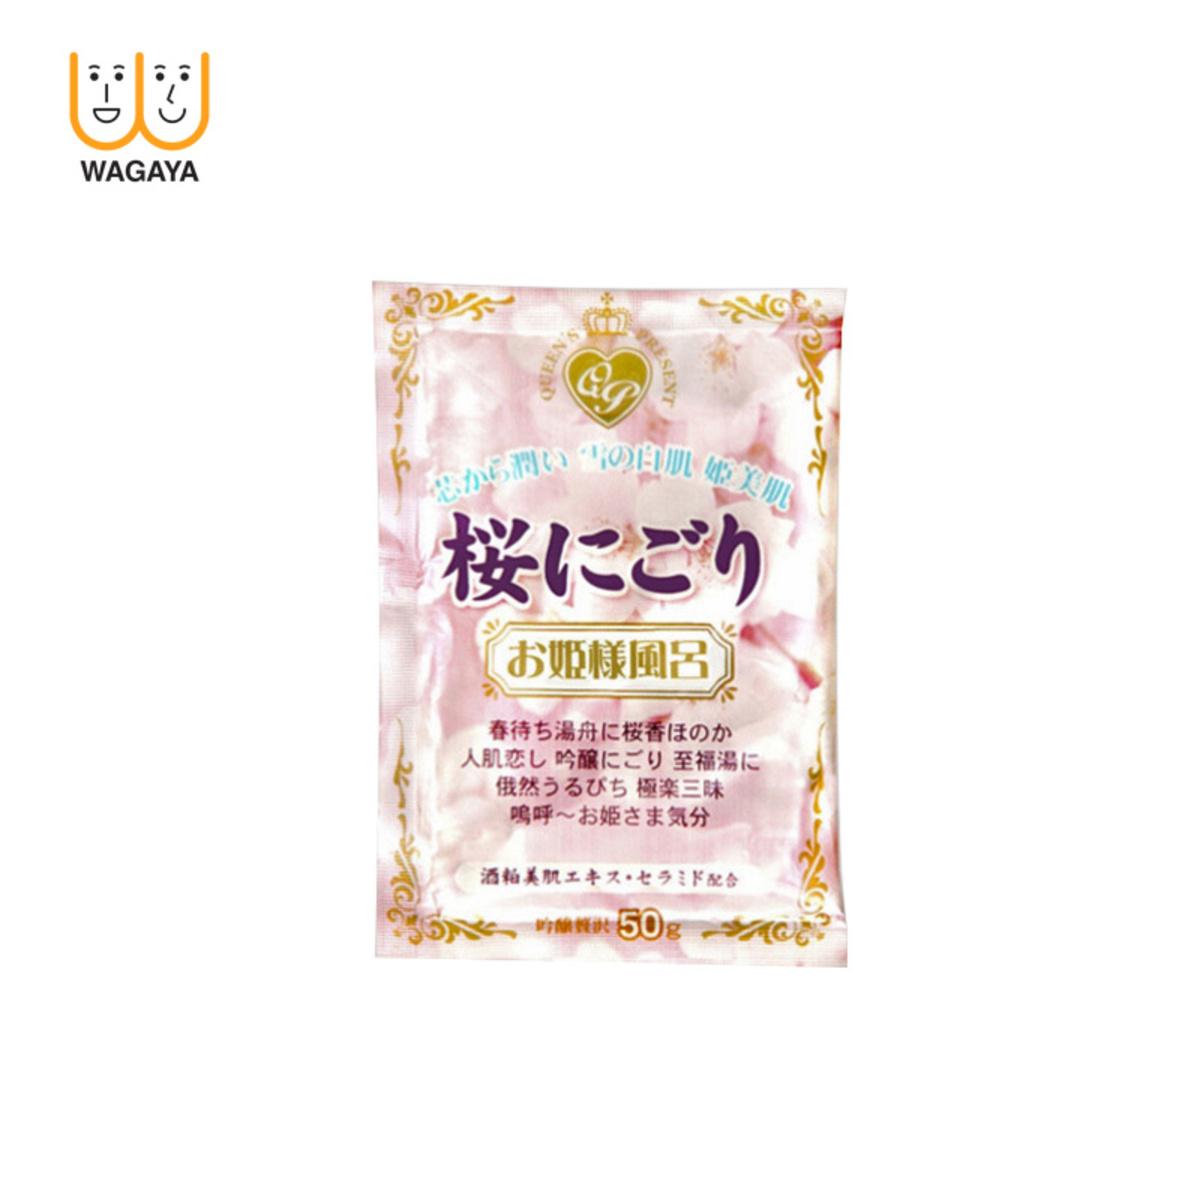 Princess Bathtime (Sakura) 50g